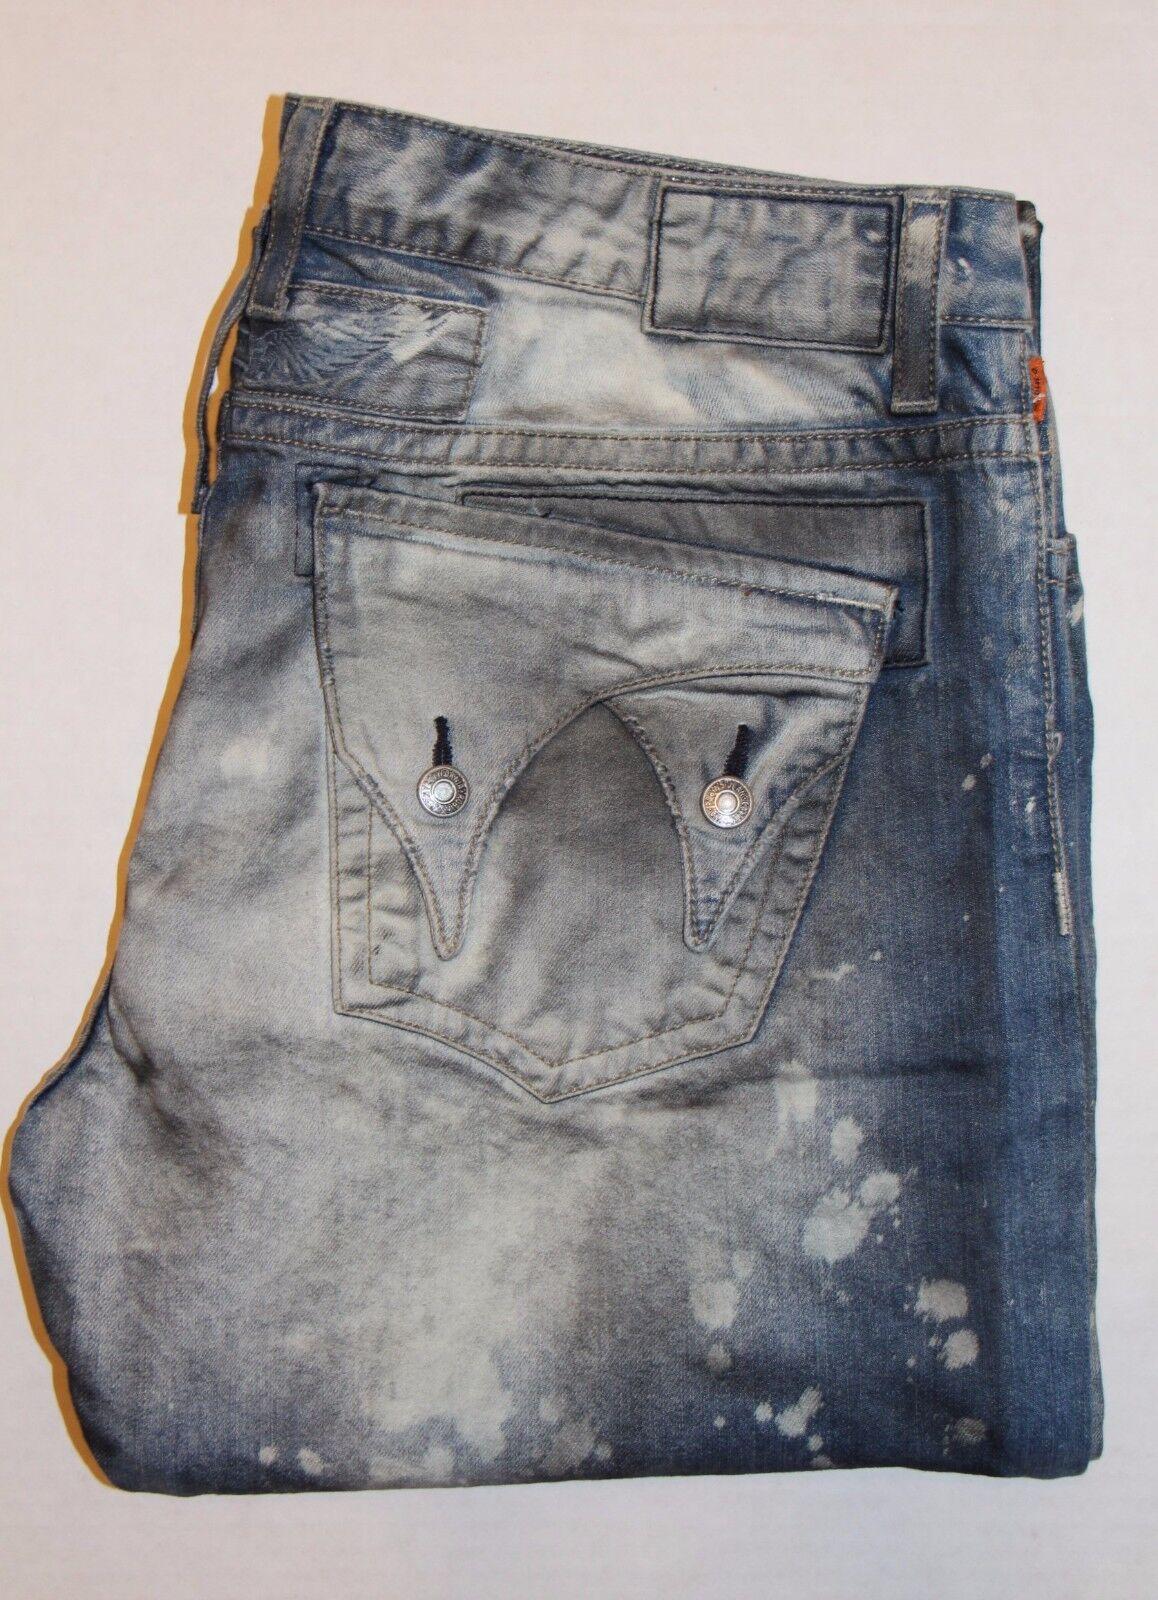 Nuovo da Uomo di ROBIN Jeans TG 42  D50192 Dble lungo Pattina -dritto Lunghi